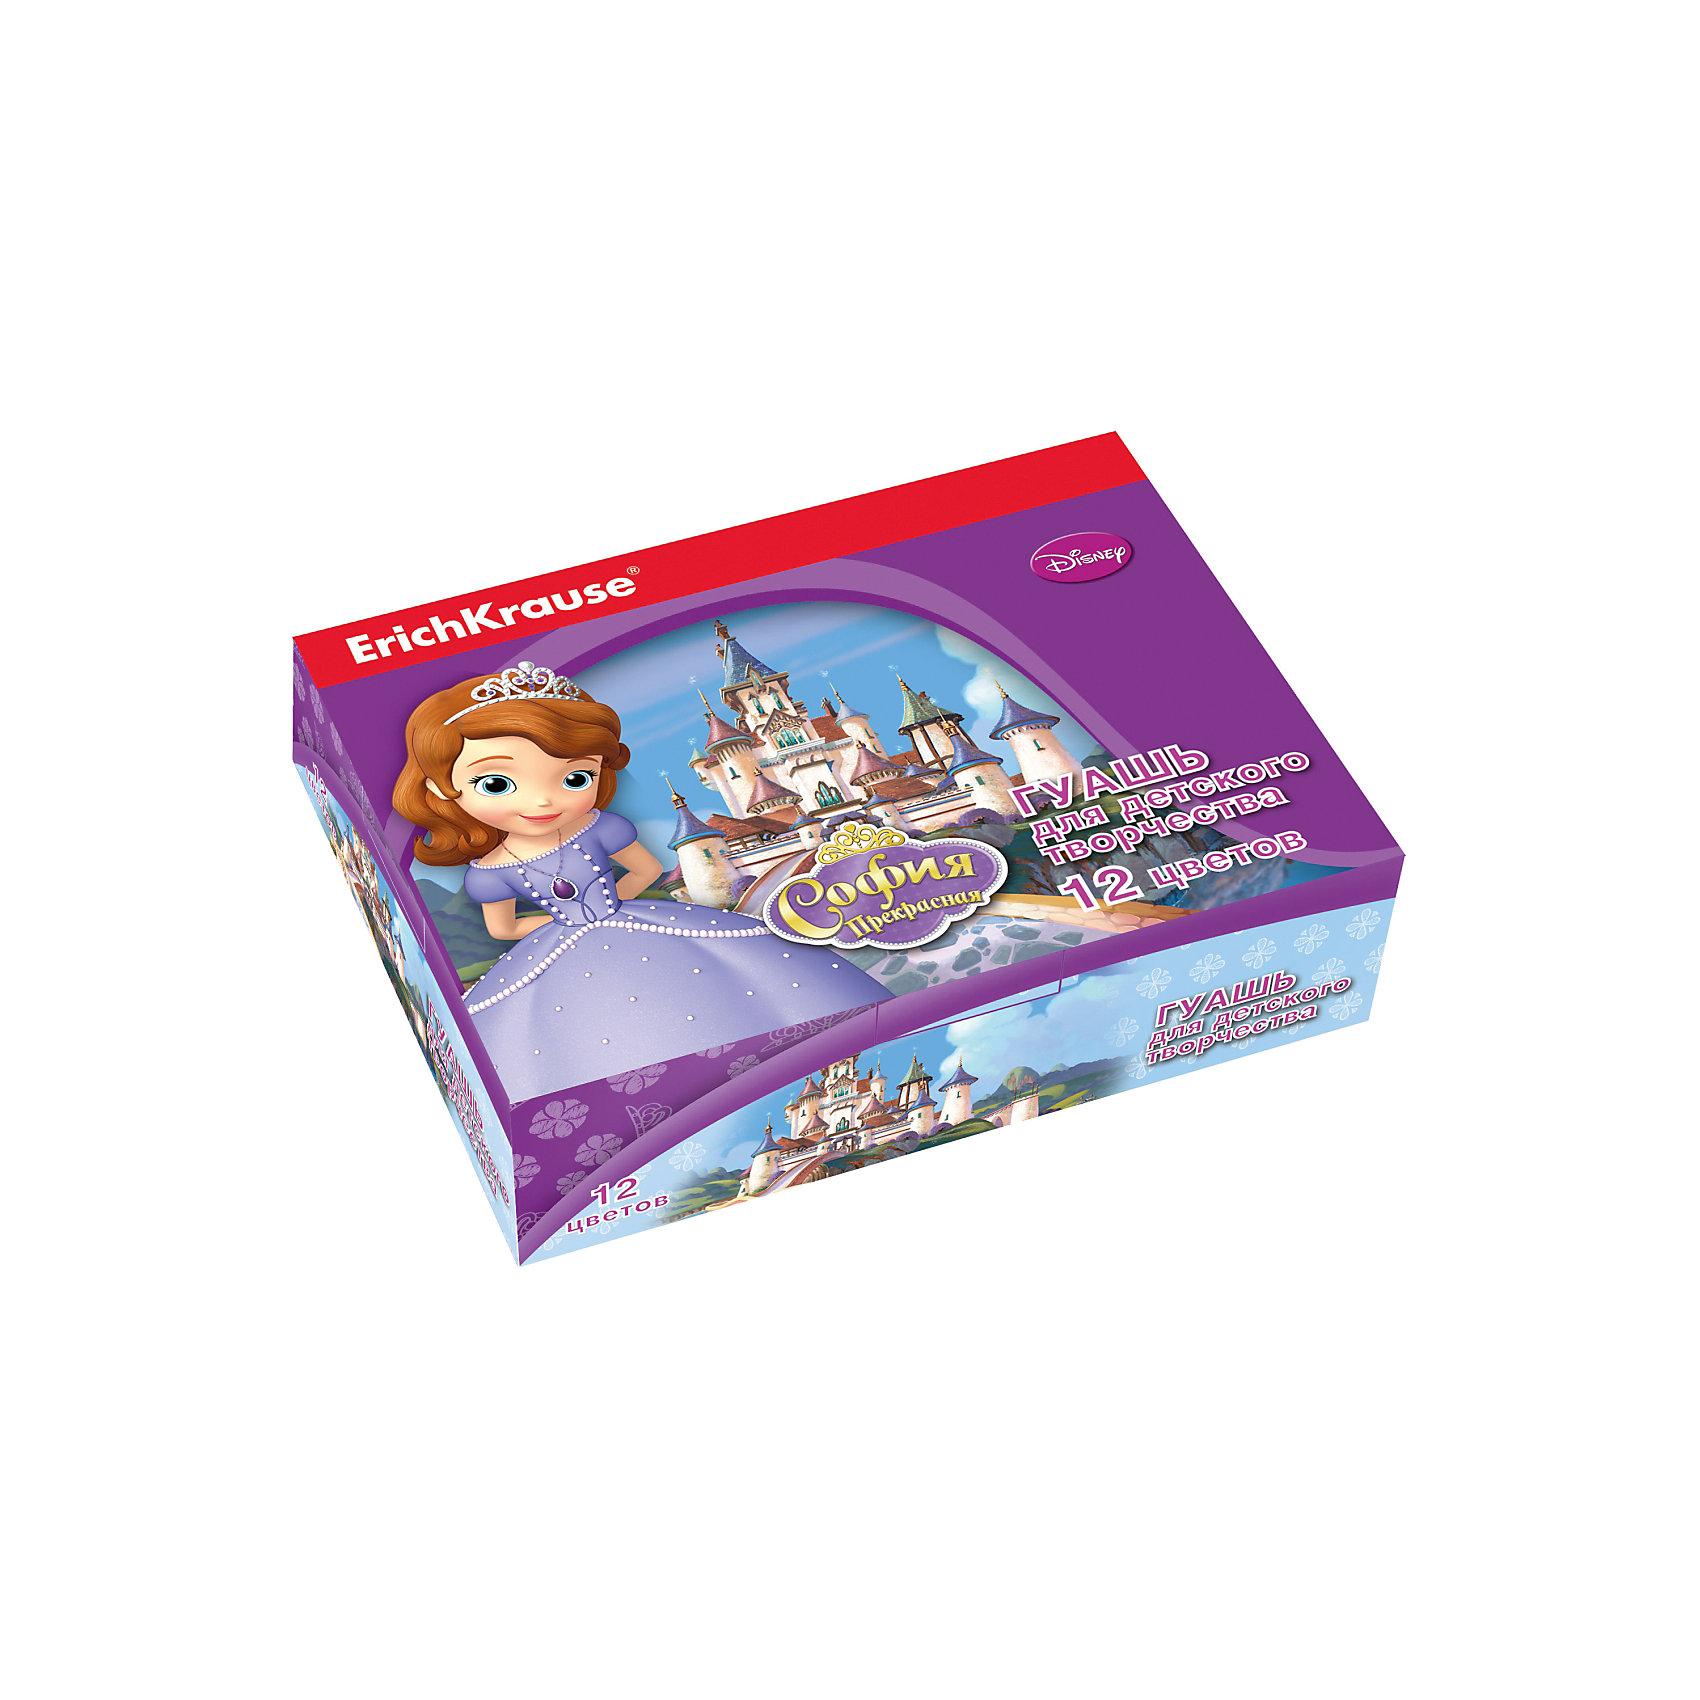 Гуашь Принцесса София, 12 цветов по 20млСофия Прекрасная<br>Характеристики гуаши Принцесса София 12 цветов:<br><br>• возраст: от 5 лет<br>• пол: для девочек<br>• комплект: 12 баночек по 20 мл.<br>• материал: краски, пластик.<br>• серия: Disney<br>• упаковка: картонная коробка.<br>• бренд: производитель: Erich Krause<br>• страна обладатель бренда: Россия.<br><br>Задатки творчества закладываются с раннего детства, поэтому так важно уделять внимание развитию креативных способностей и мышления у малышей. Гуашь Принцесса София, это тот товар, который поможет Вашему ребенку открывать для себя что-то новое, развиваться и совершенствоваться. Творчество становится все более популярным во всем мире у людей любого возраста и профессии. <br><br>Гуашь Принцесса София торговой марки Erich Krause  можно купить в нашем интернет-магазине.<br><br>Ширина мм: 157<br>Глубина мм: 115<br>Высота мм: 40<br>Вес г: 393<br>Возраст от месяцев: 60<br>Возраст до месяцев: 216<br>Пол: Женский<br>Возраст: Детский<br>SKU: 5409220